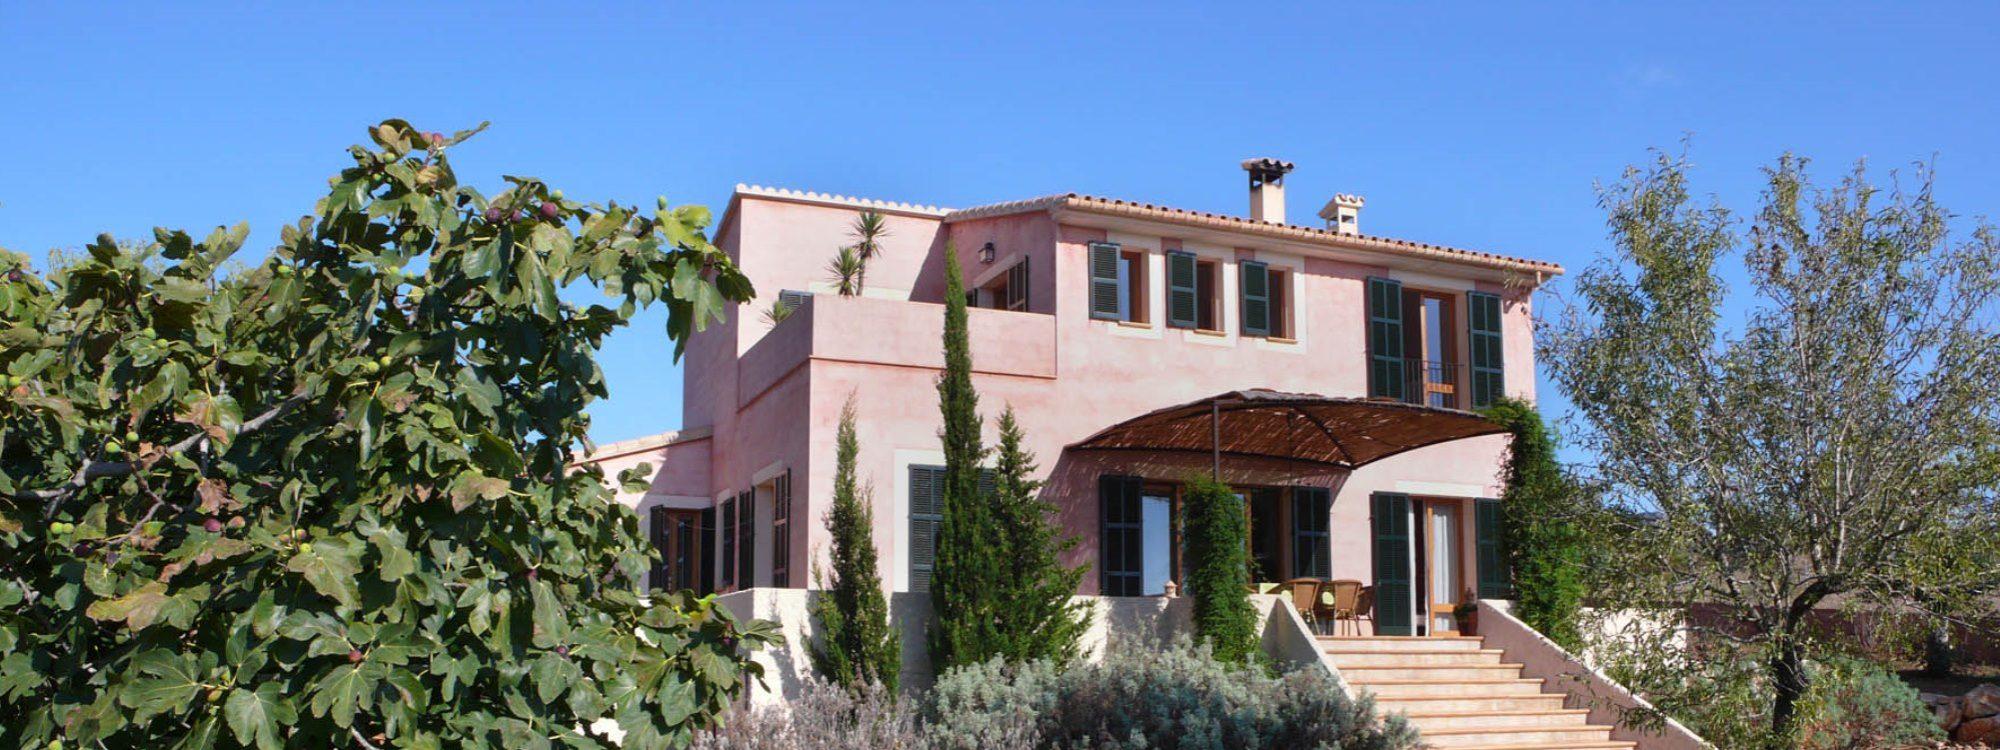 Landfinca bei Sant Llorenç, ein Bijou zum Entspannen für bis zu 6 Personen